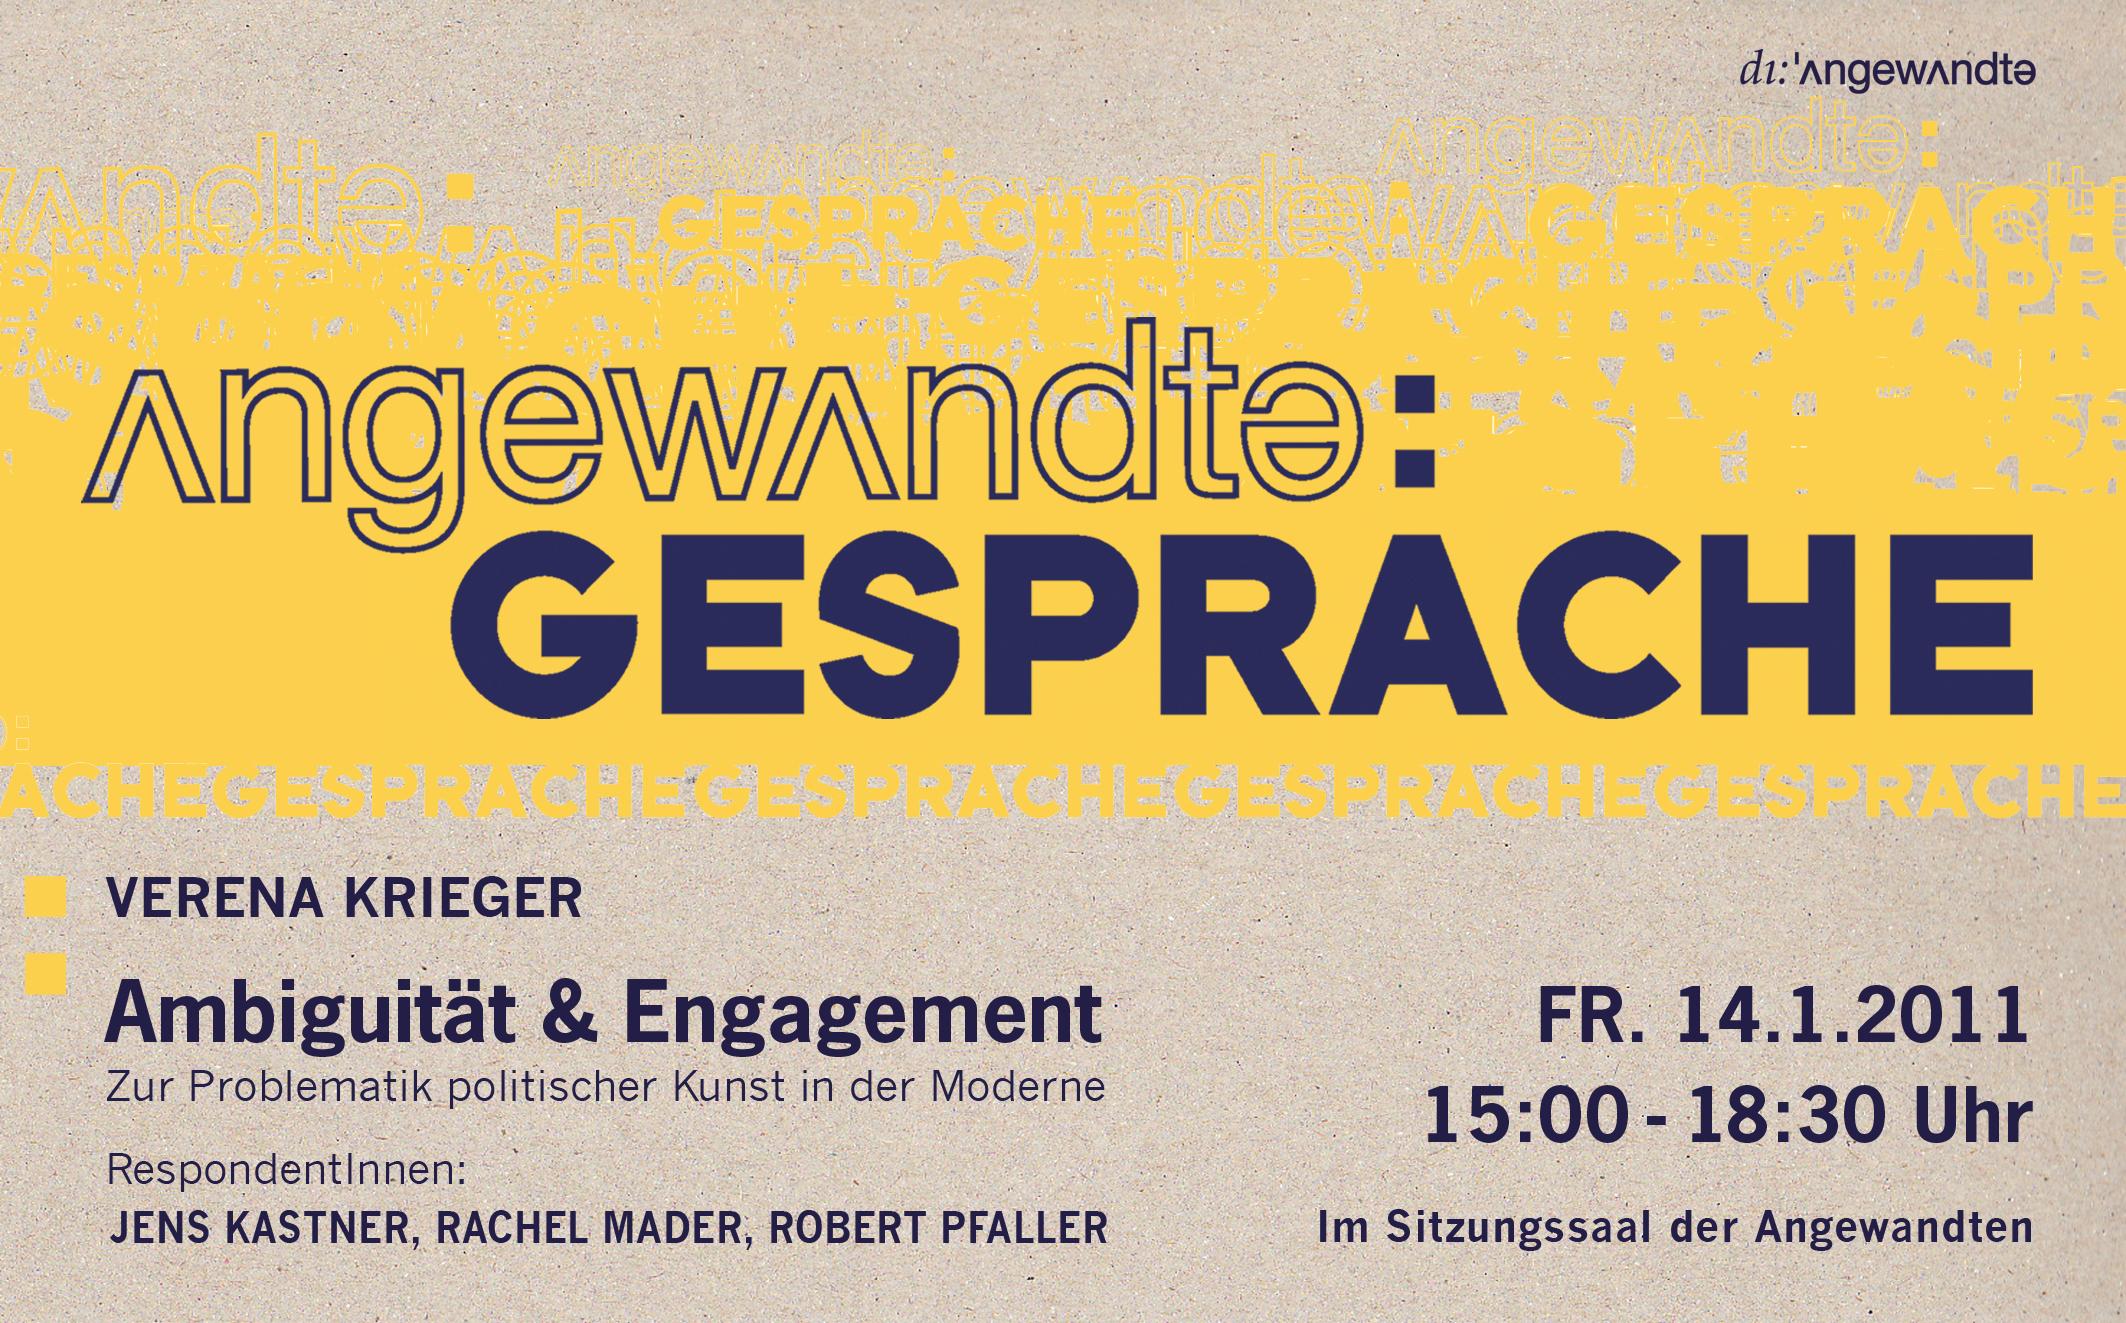 Webbanner Angewandte Gespraeche 110114